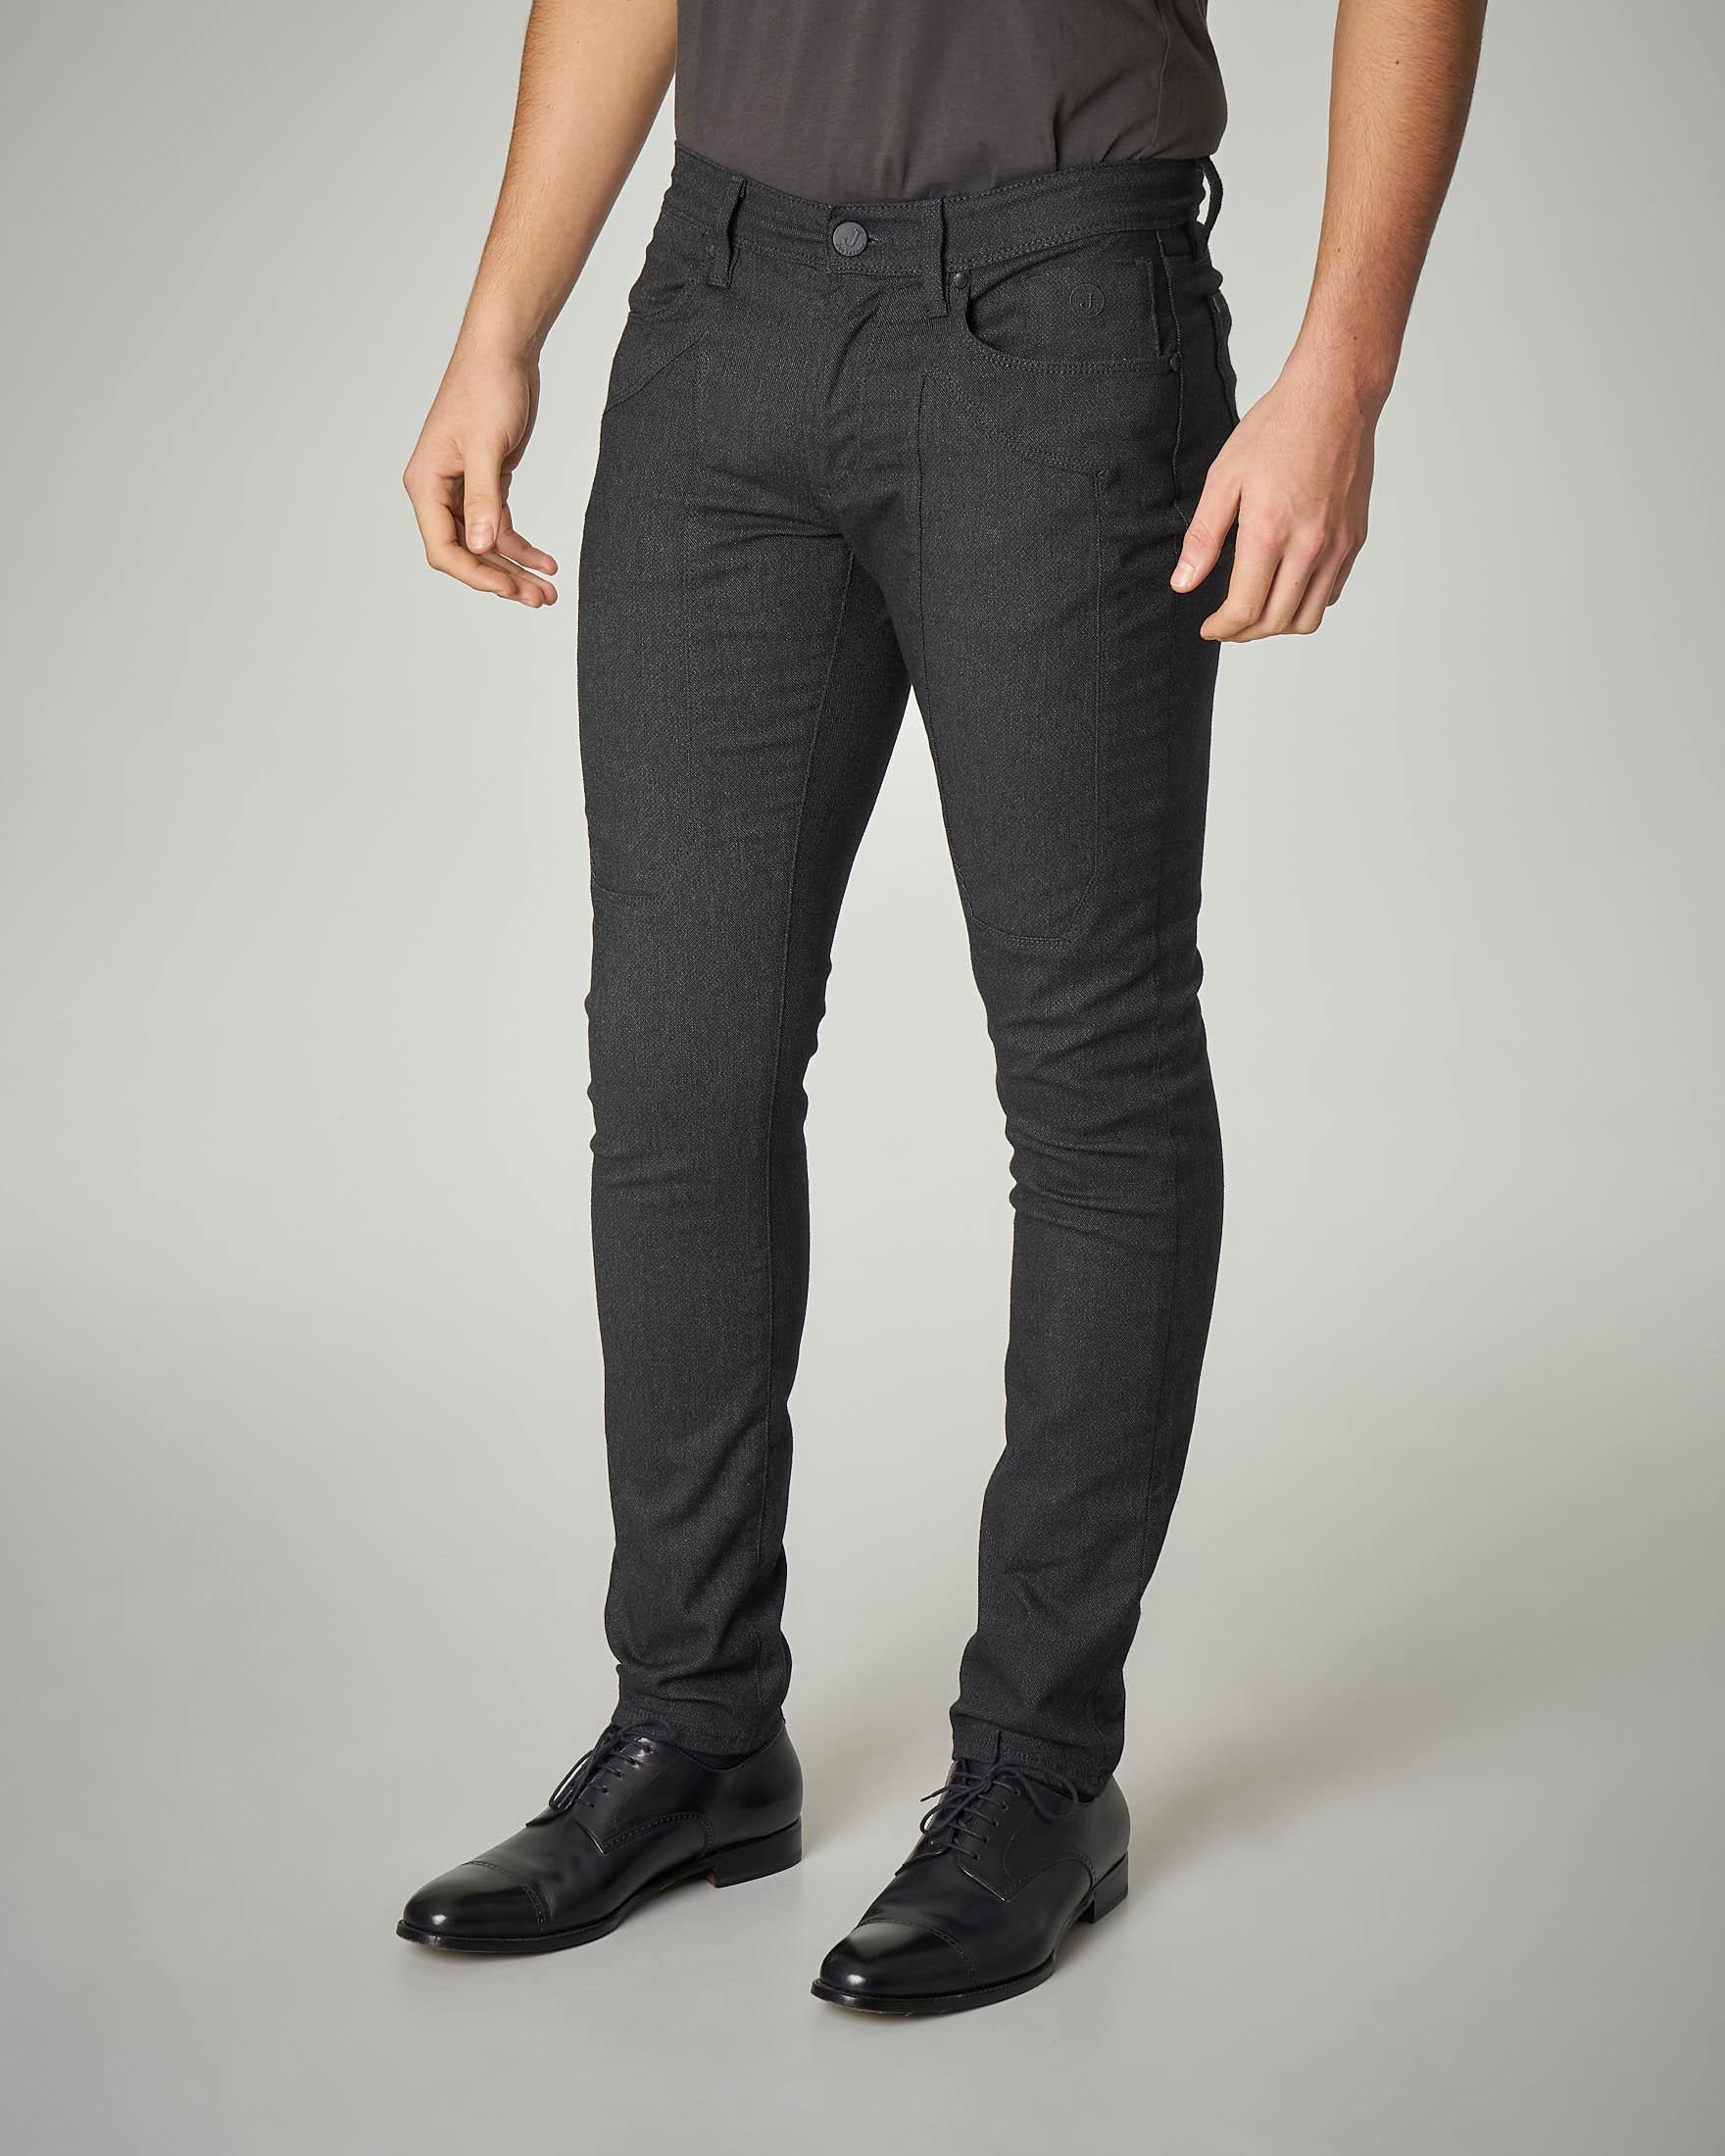 Pantalone cinque tasche nero in flanella di cotone con toppa